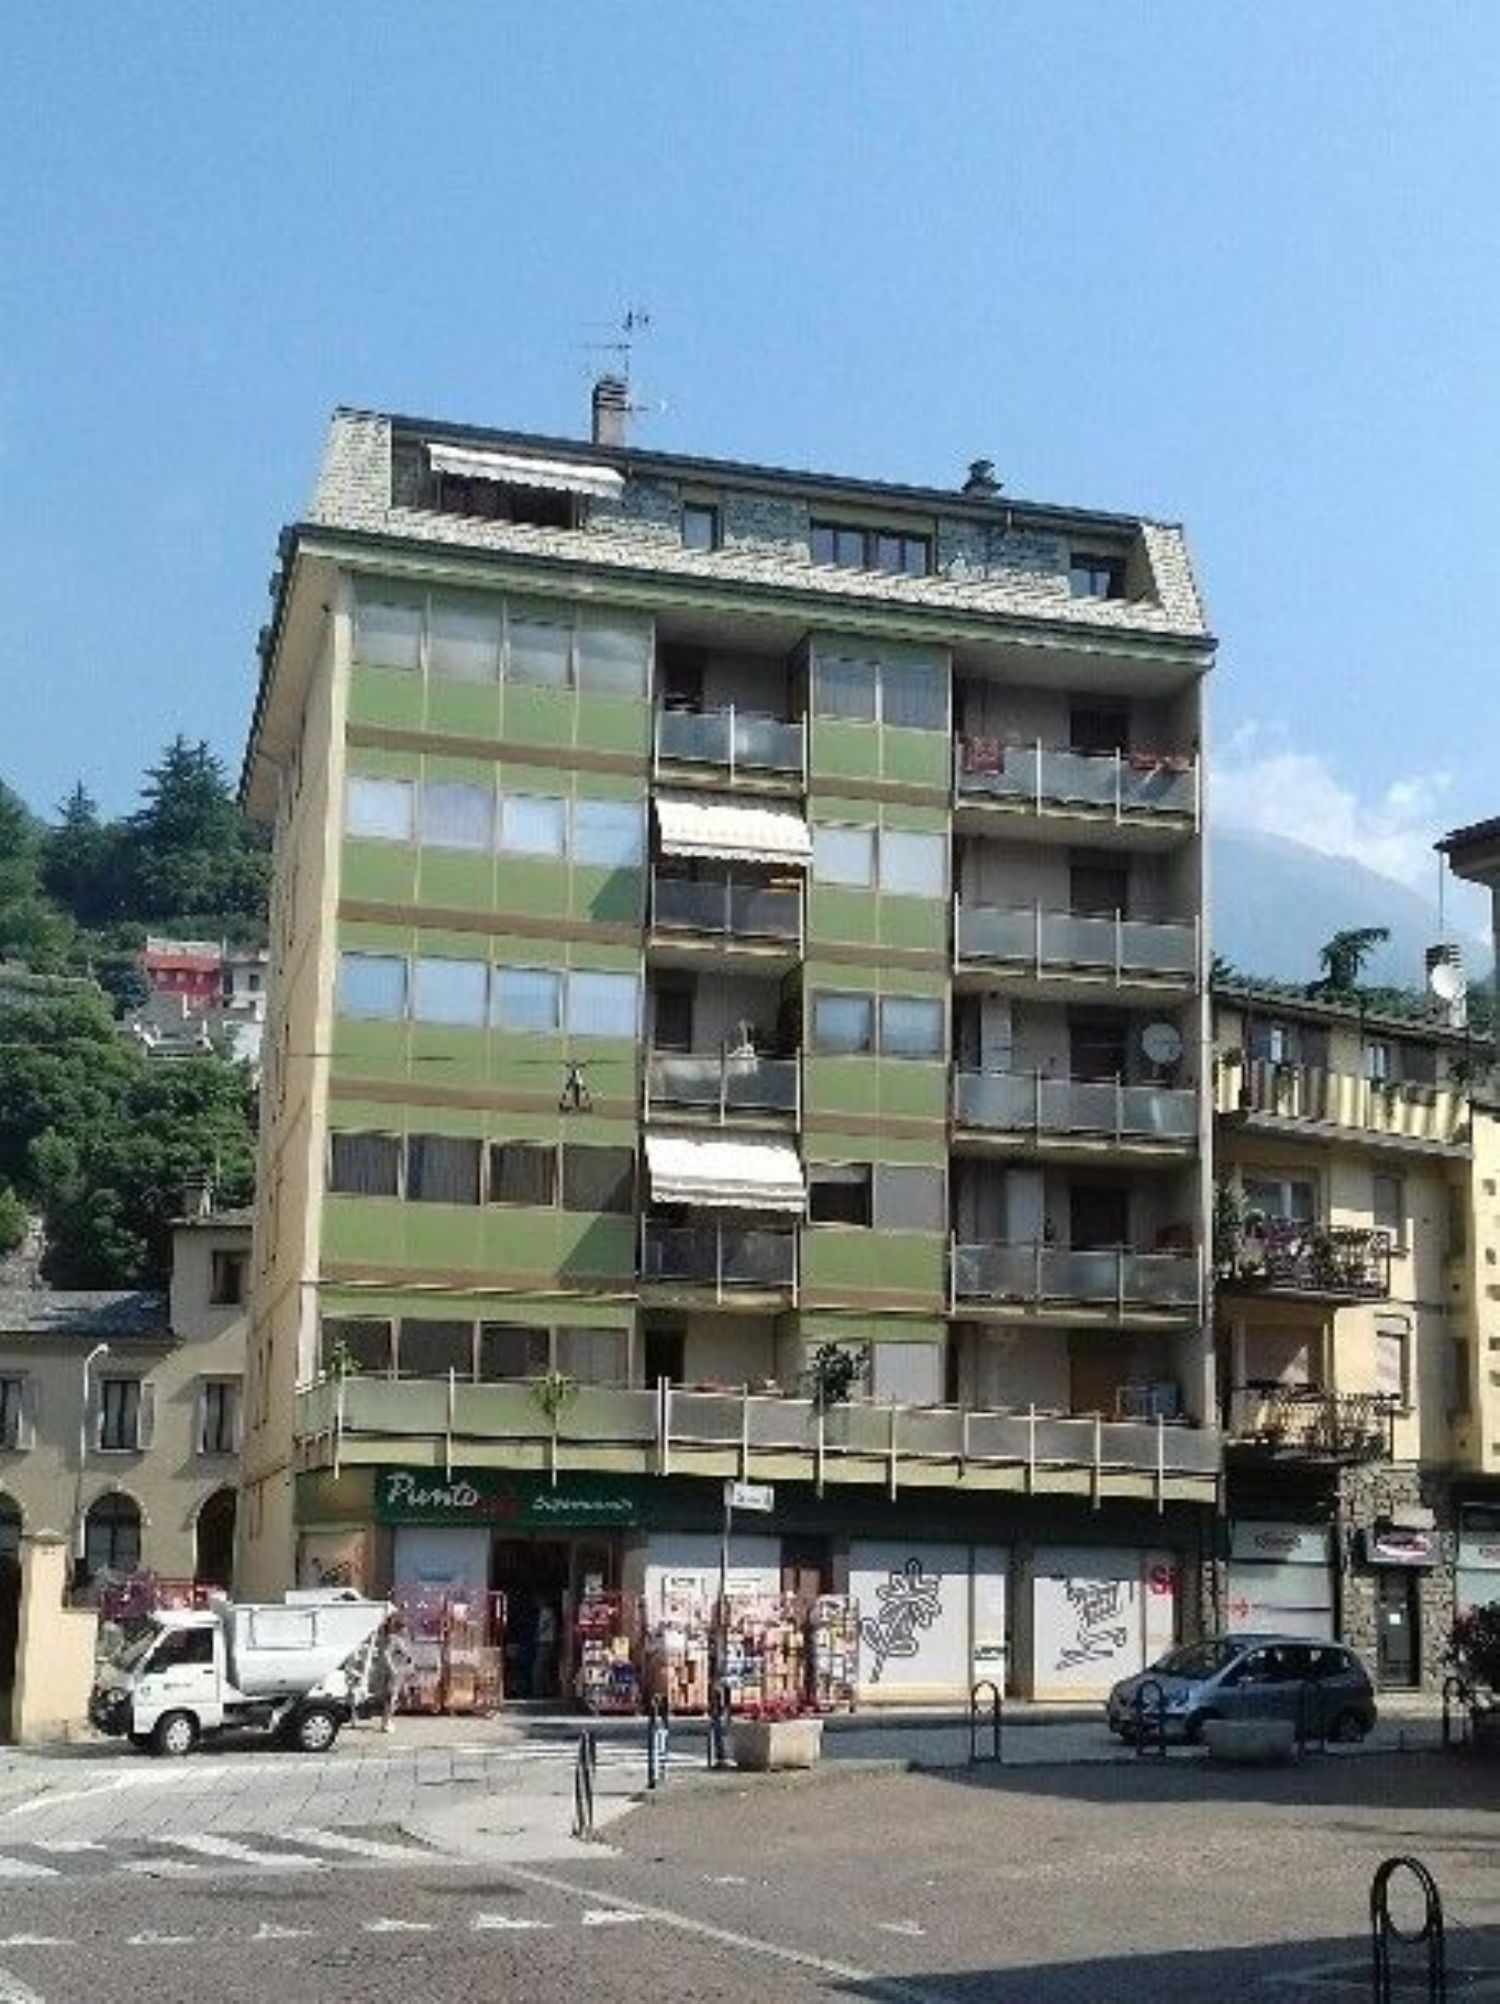 Attico / Mansarda in affitto a Sondrio, 3 locali, prezzo € 350 | Cambio Casa.it